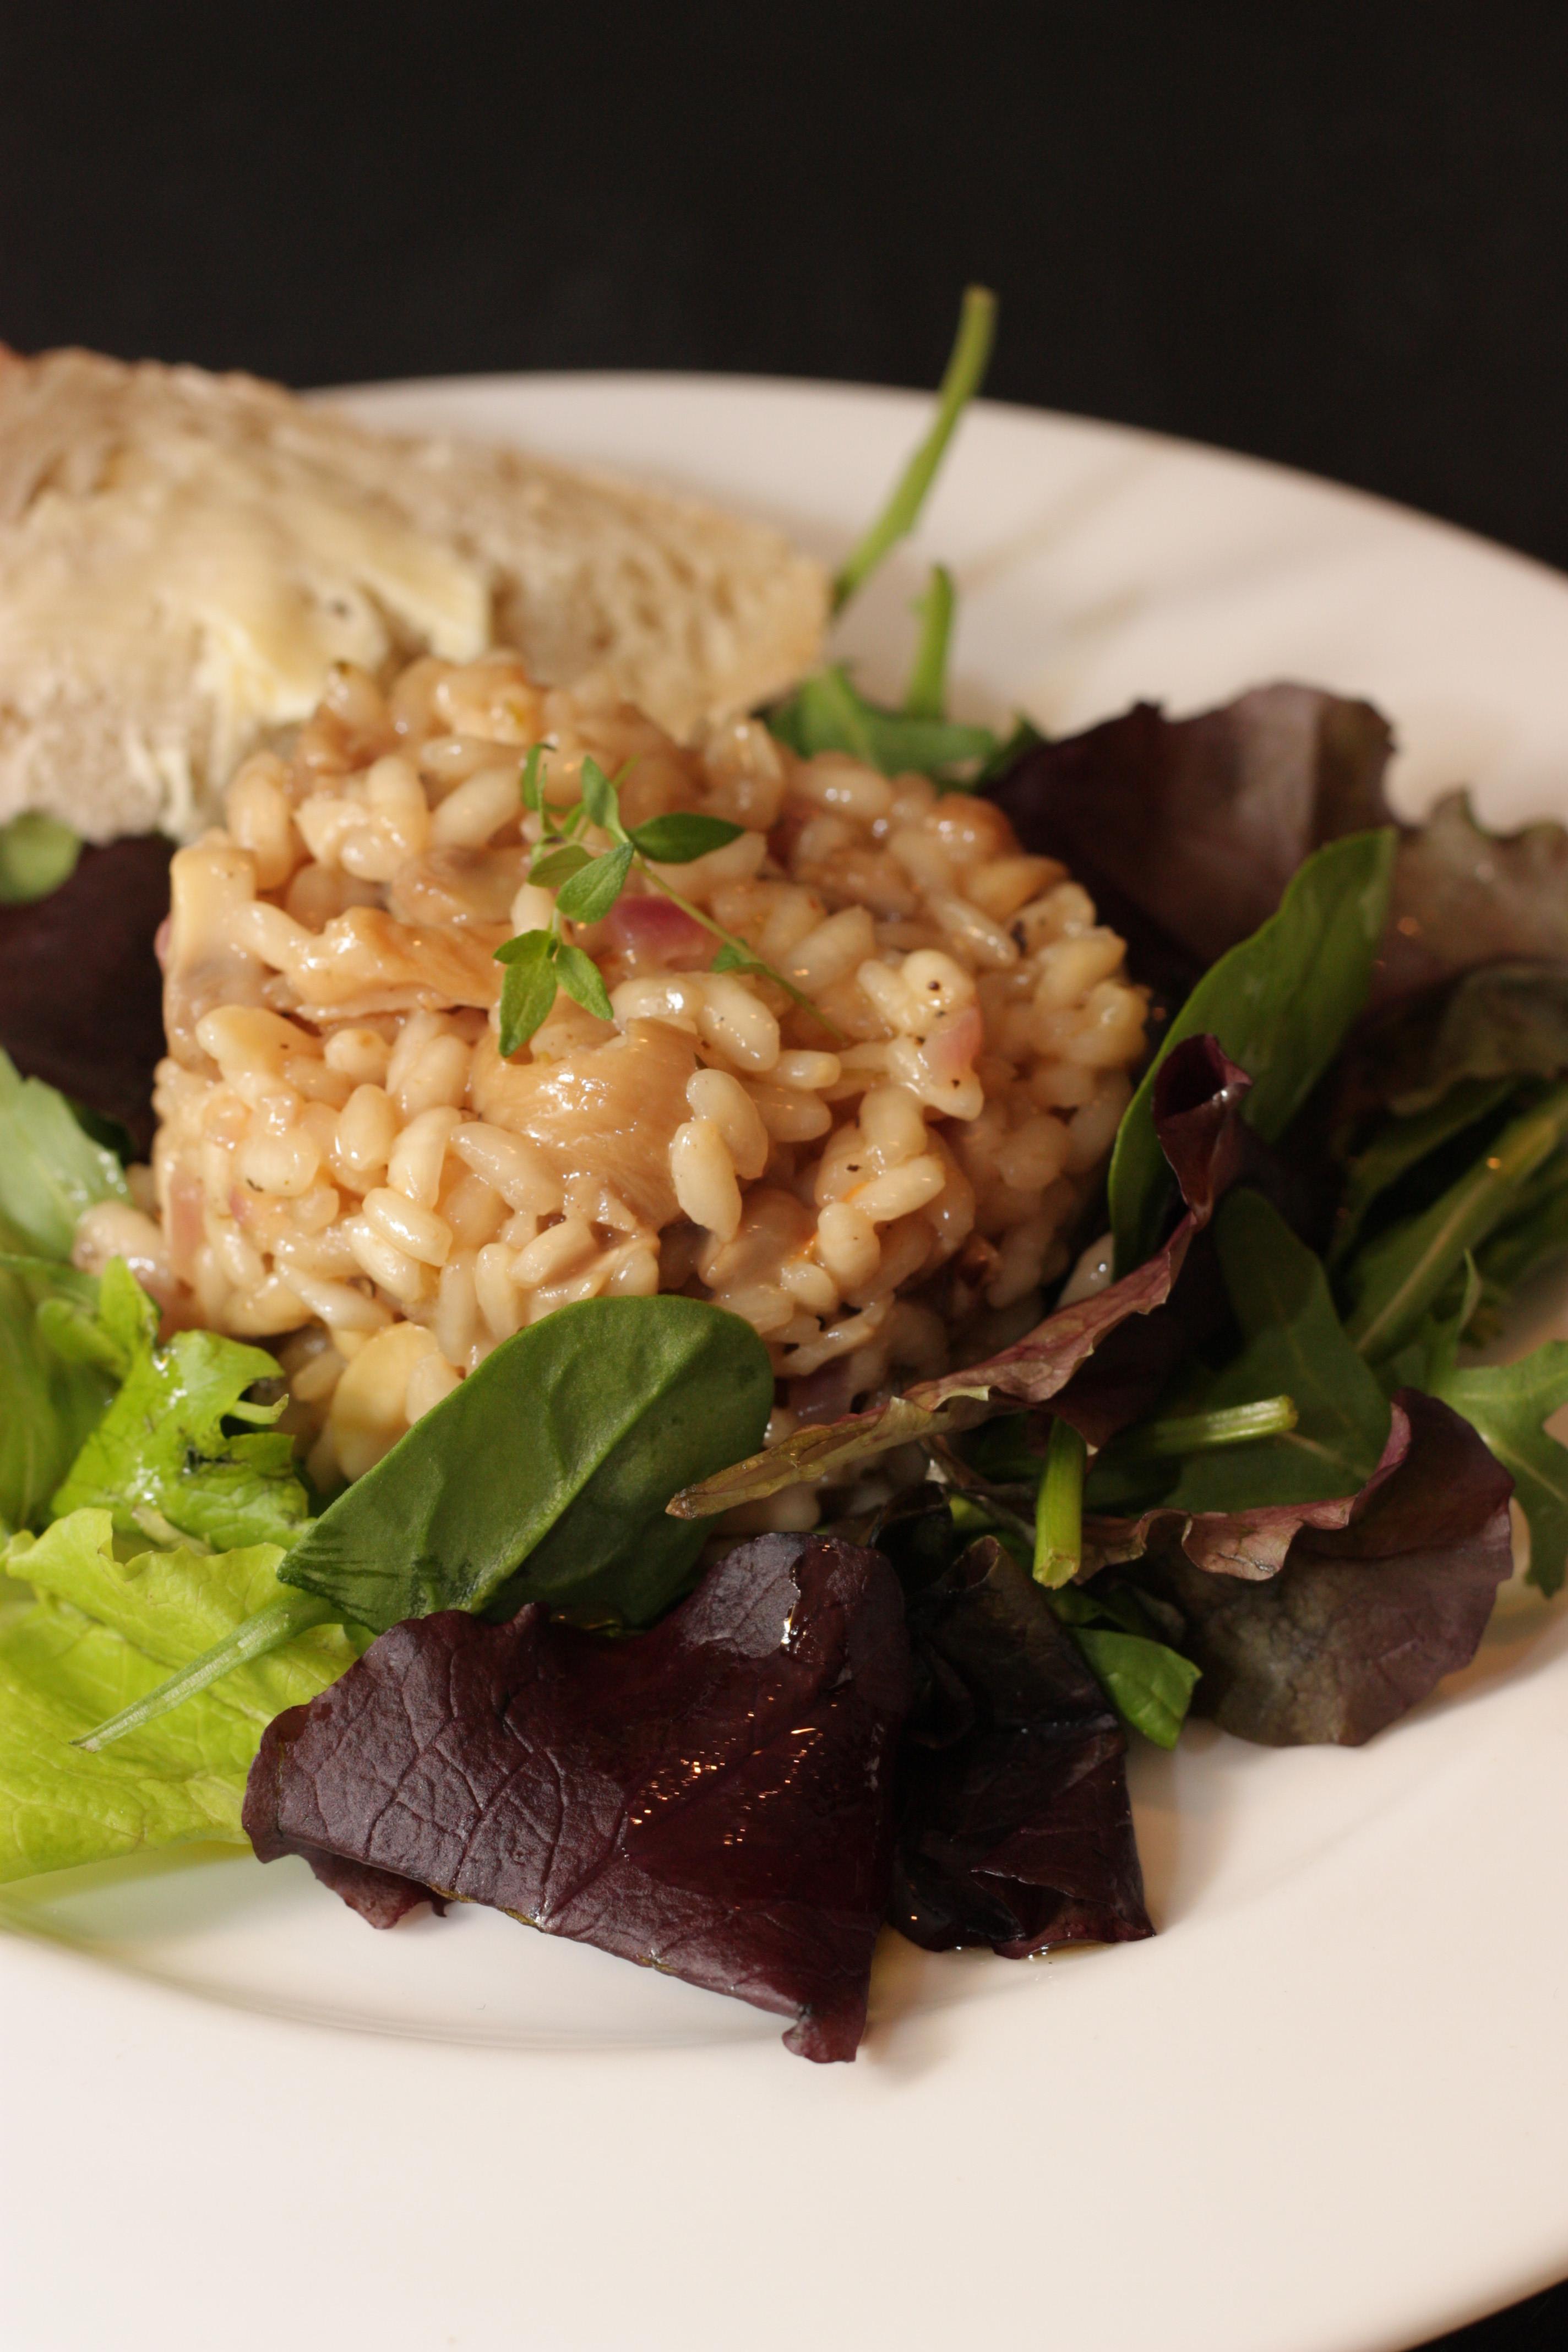 Wild mushroom & truffle oil risotto